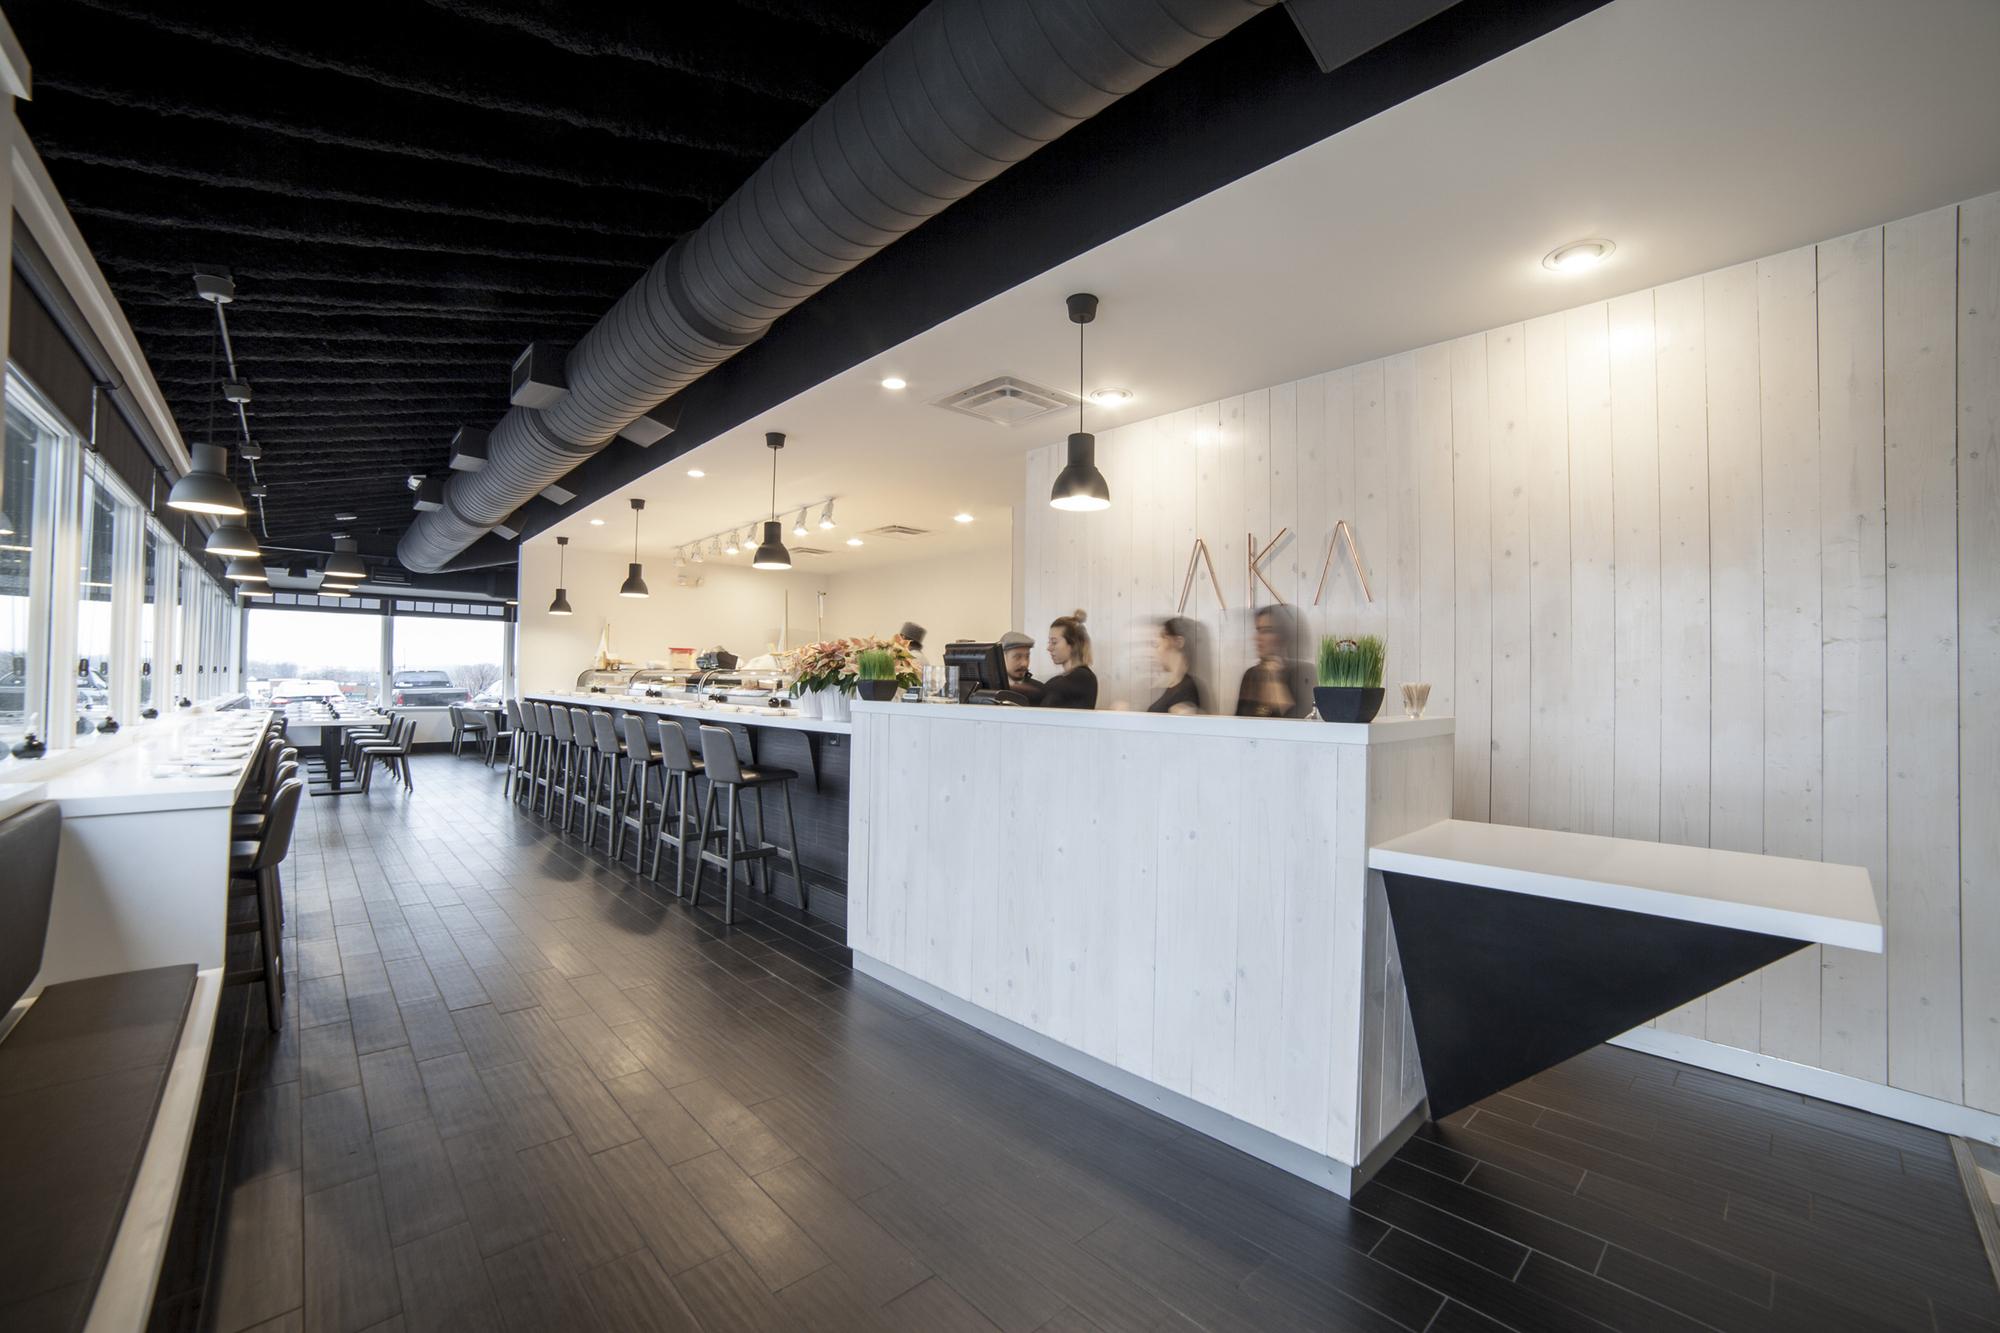 Aka Sushi Synecdoche Design Studio Daub Lab Archdaily